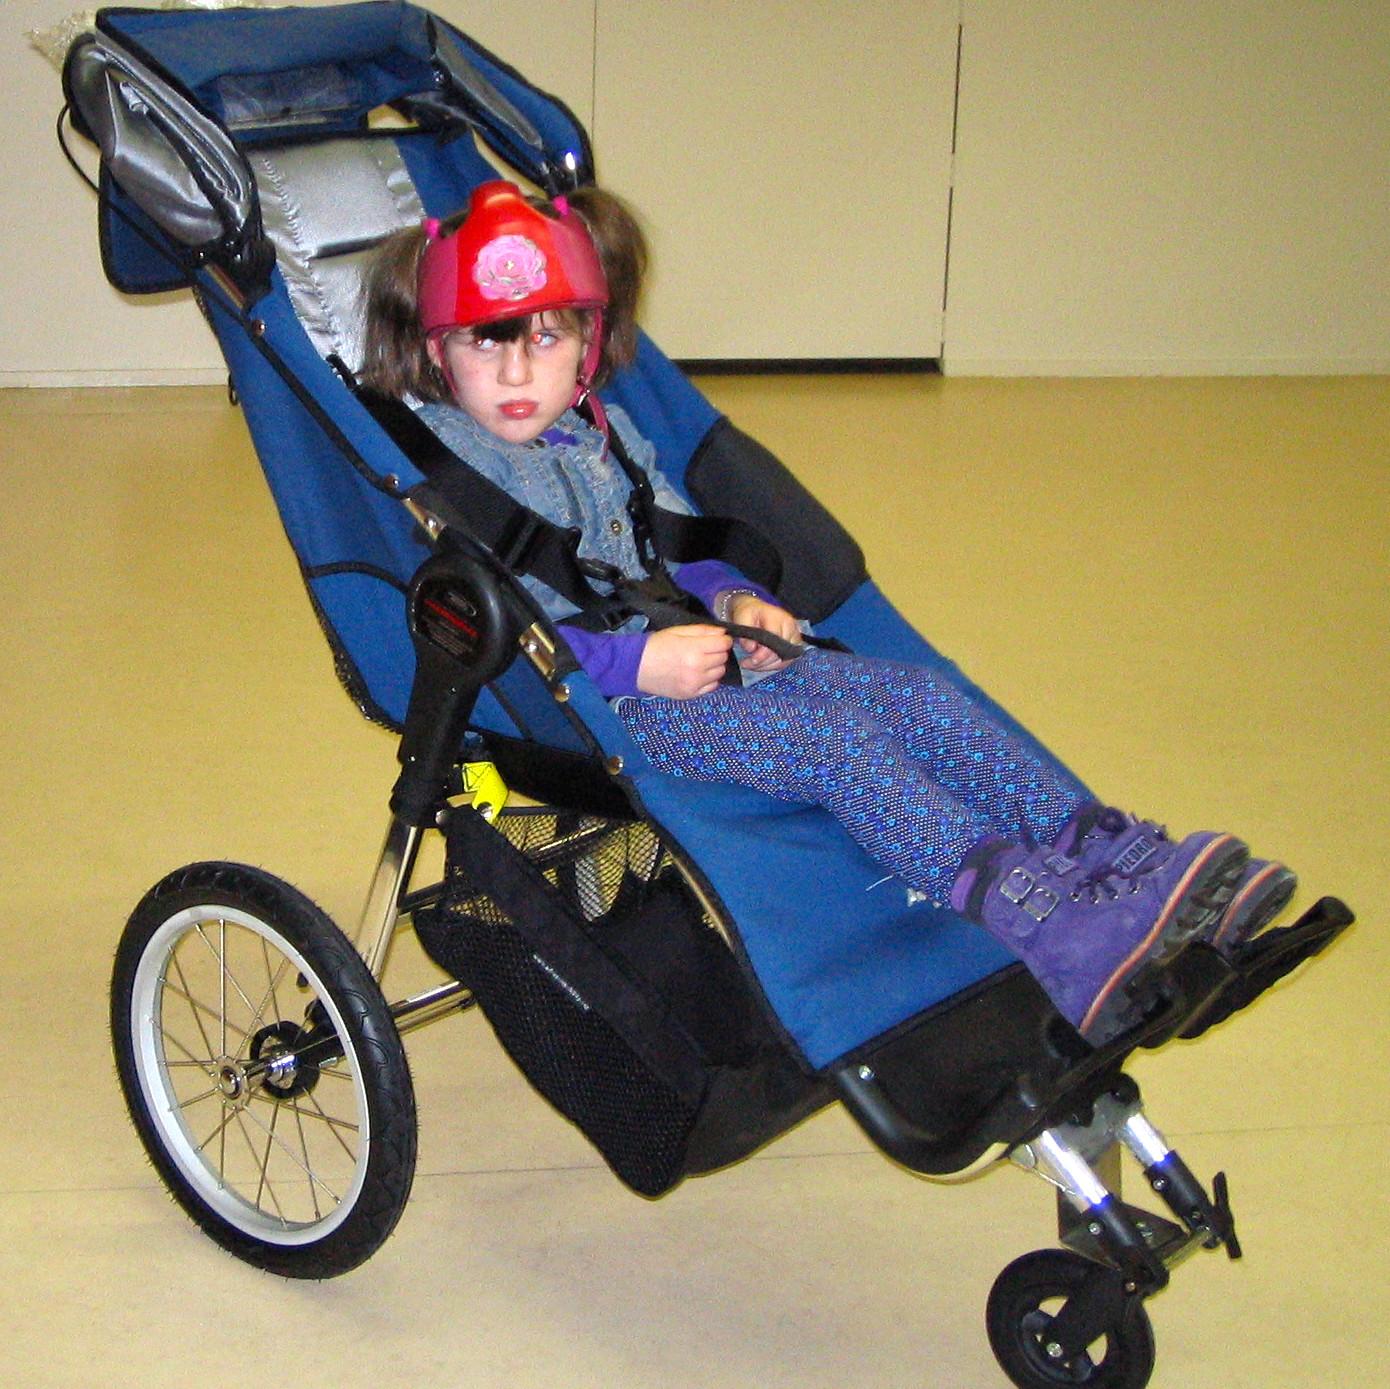 Baby Jogger Independence met zwenkwiel